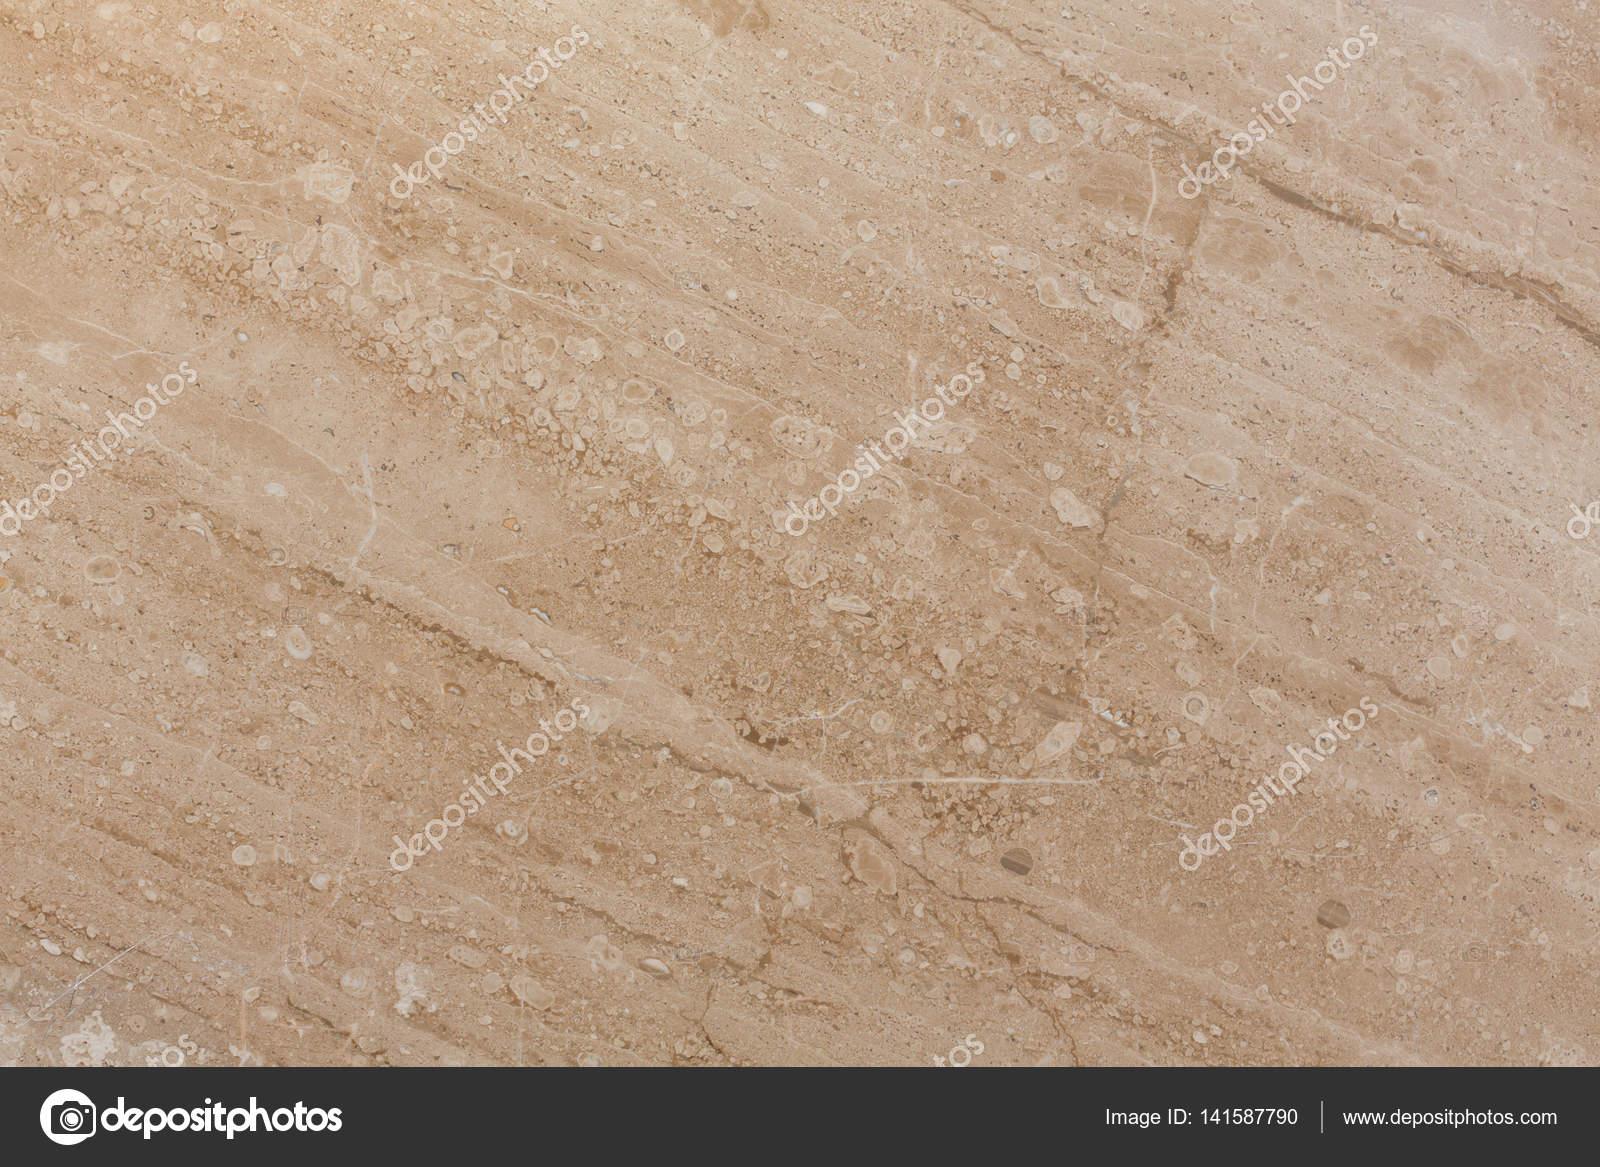 Boden Fliesen Beige Marmor Hintergrund Naturmarmor Stockfoto